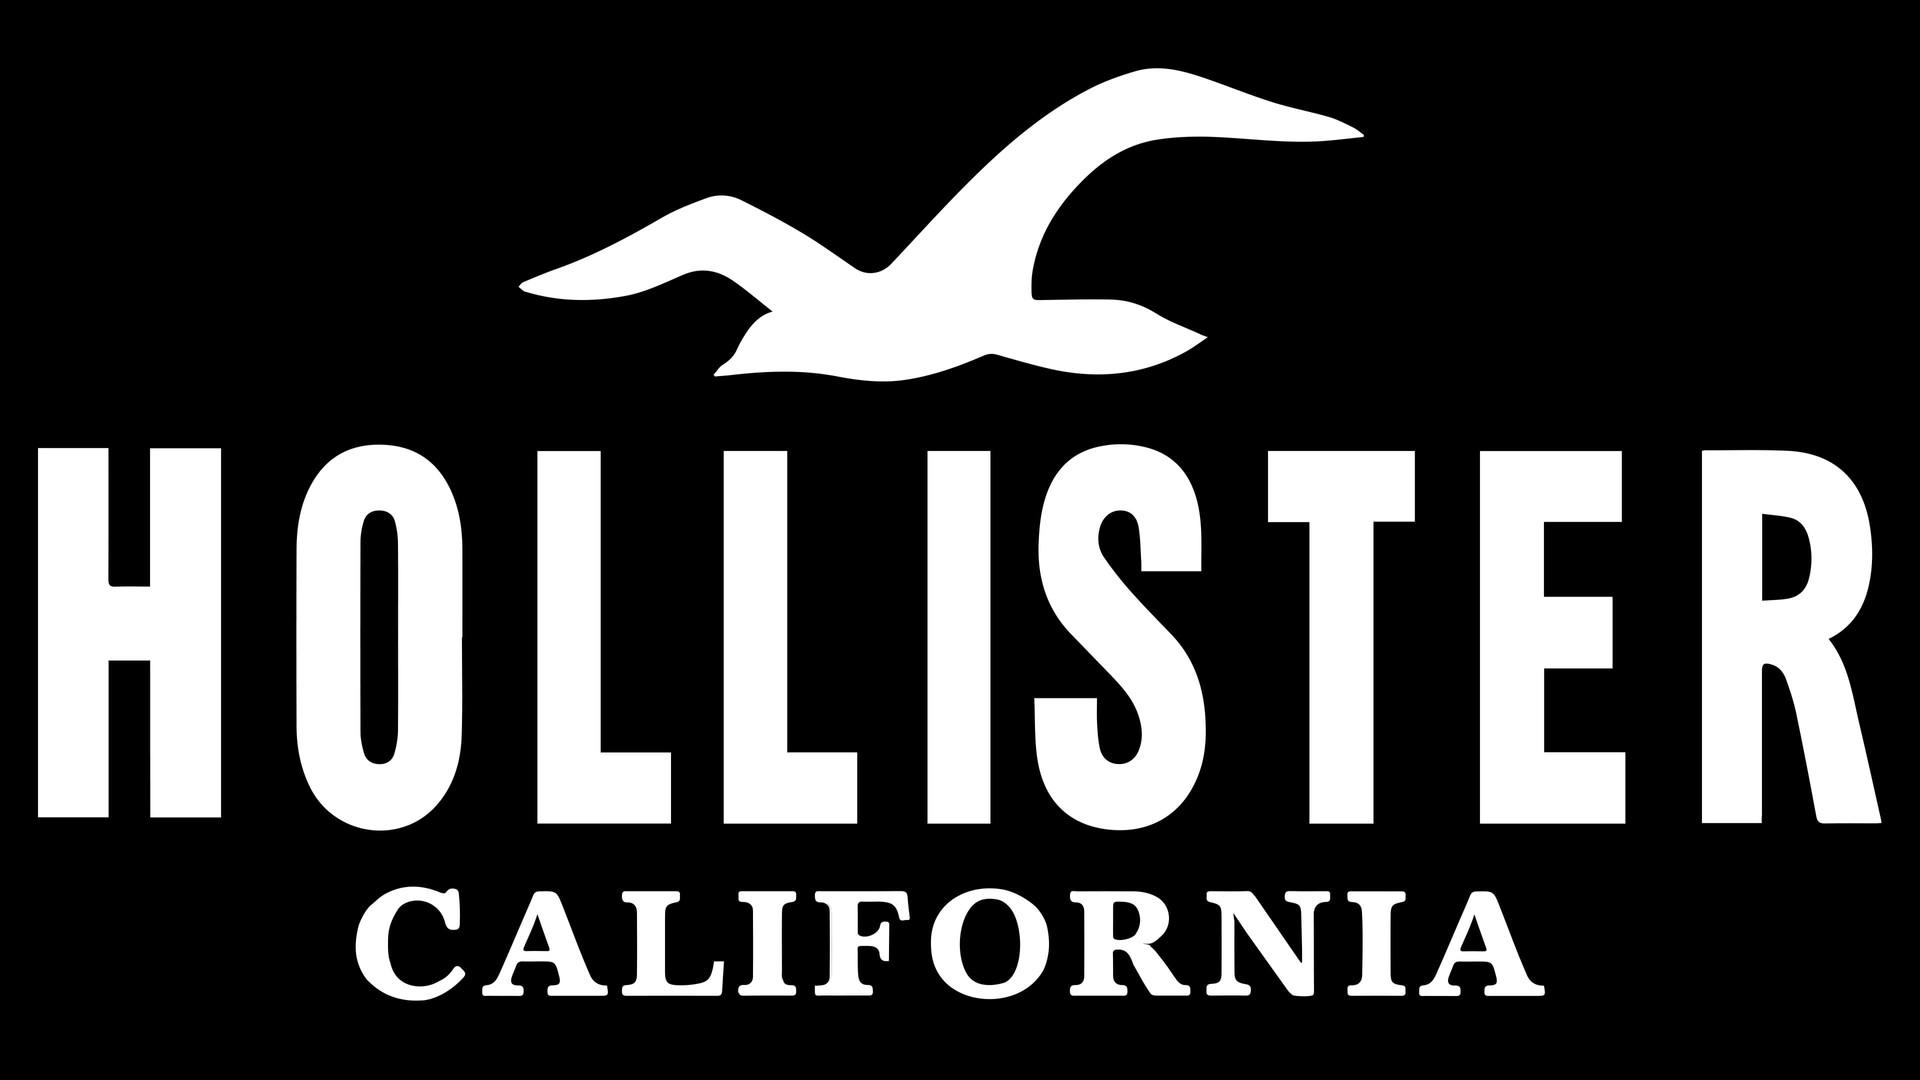 Hollister-Emblema.jpg